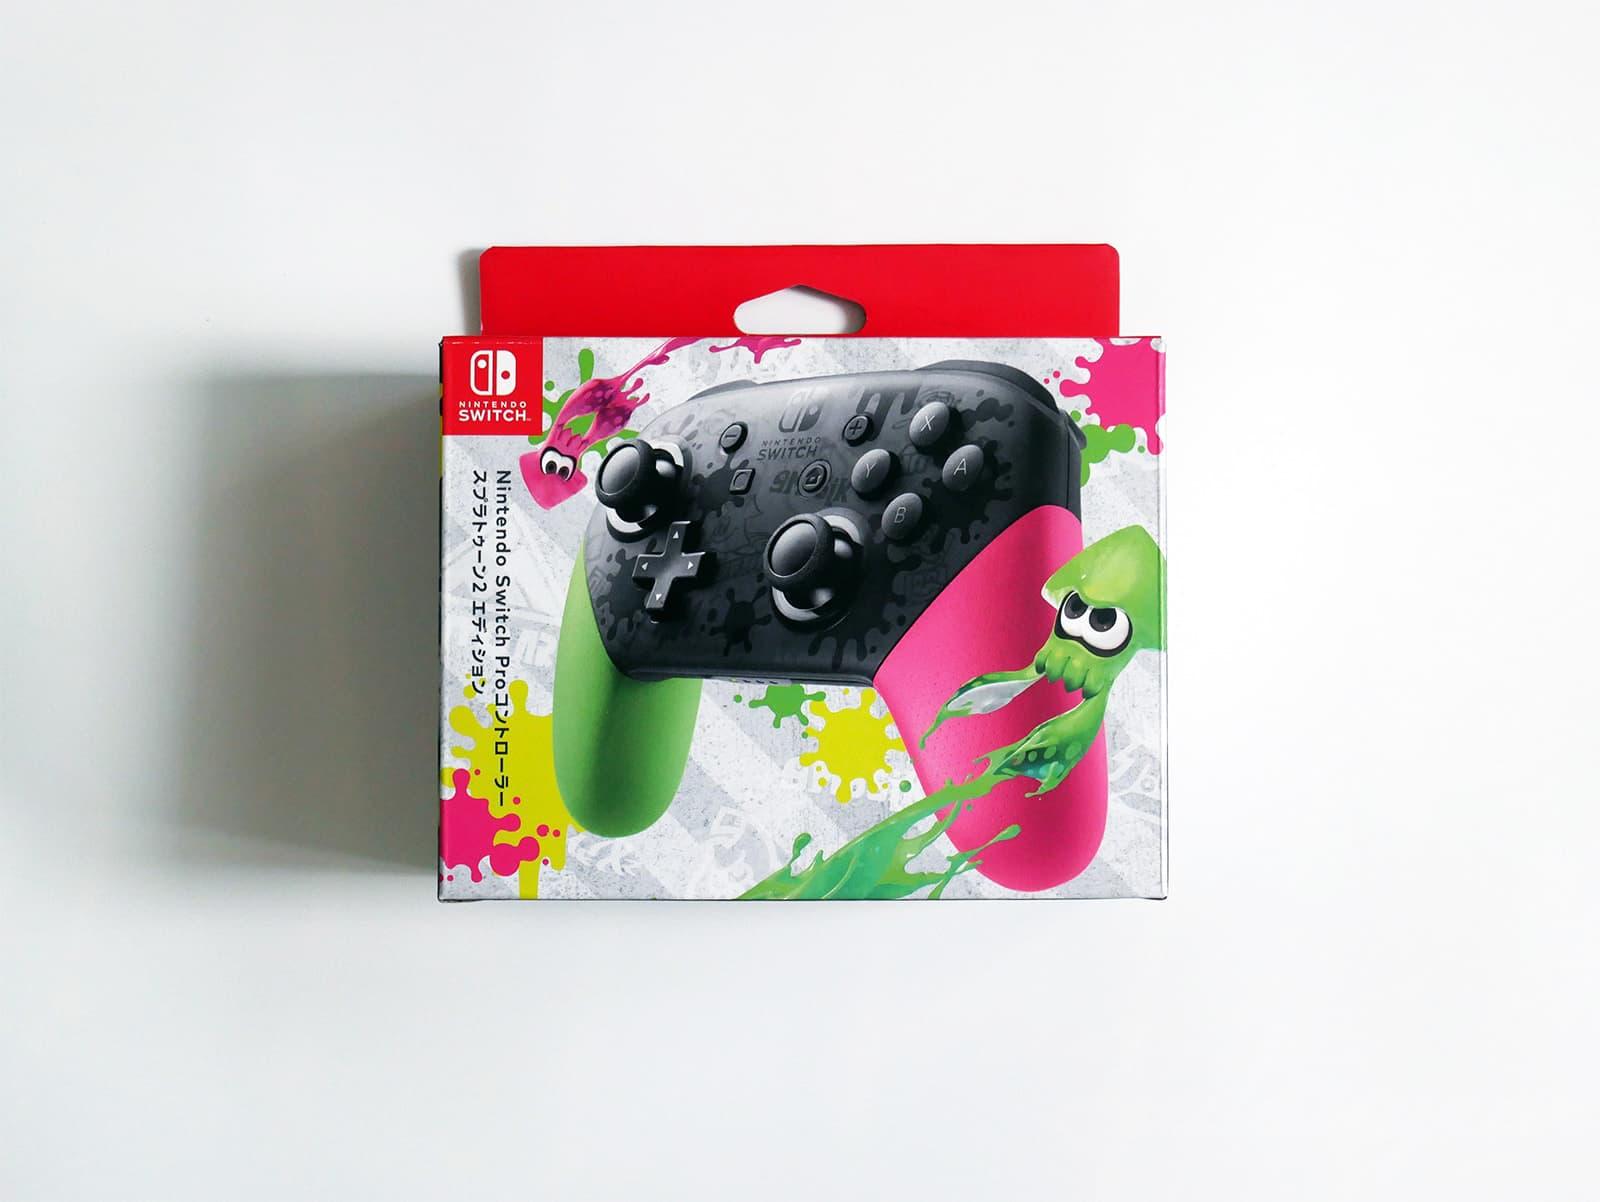 Nintendo Switch Proコントローラー スプラトゥーン2 エディション外箱